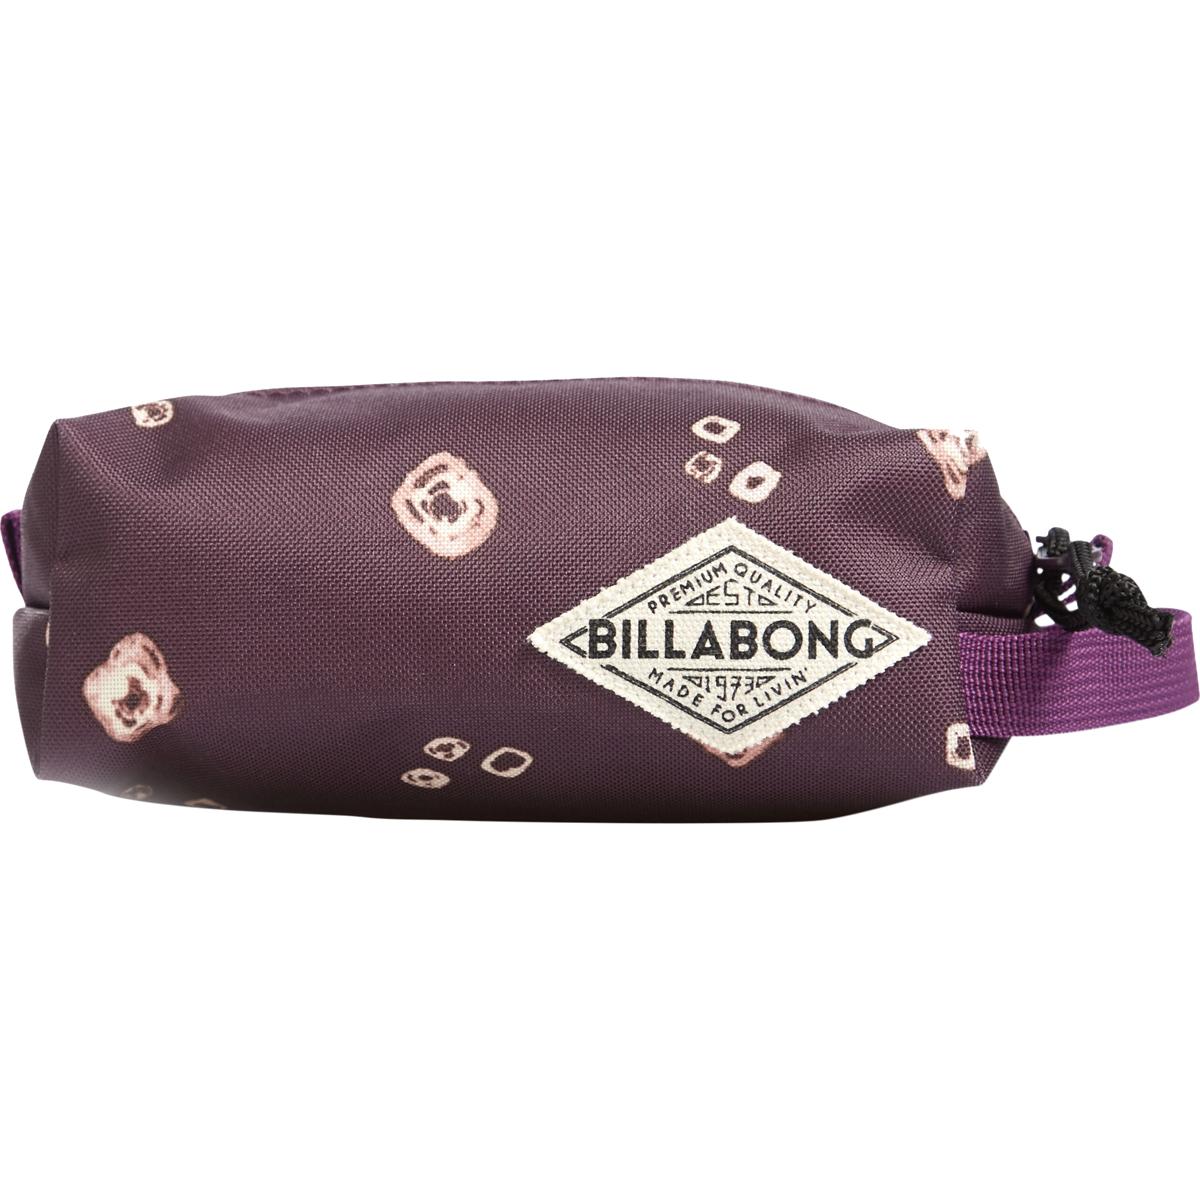 Сумка-пенал Billabong Laval, цвет: светло-бордовый , 3 лZ9PE02Компактная сумка-пенал Billabong Laval - удобный аксессуар для косметики, различных мелочей, и, конечно, канцелярских принадлежностей. Пенал легко помещается в сумку или рюкзак. Имеются застежка на молнии и ремешок для переноски в руке. Материал - прочный полиэстер 600D.